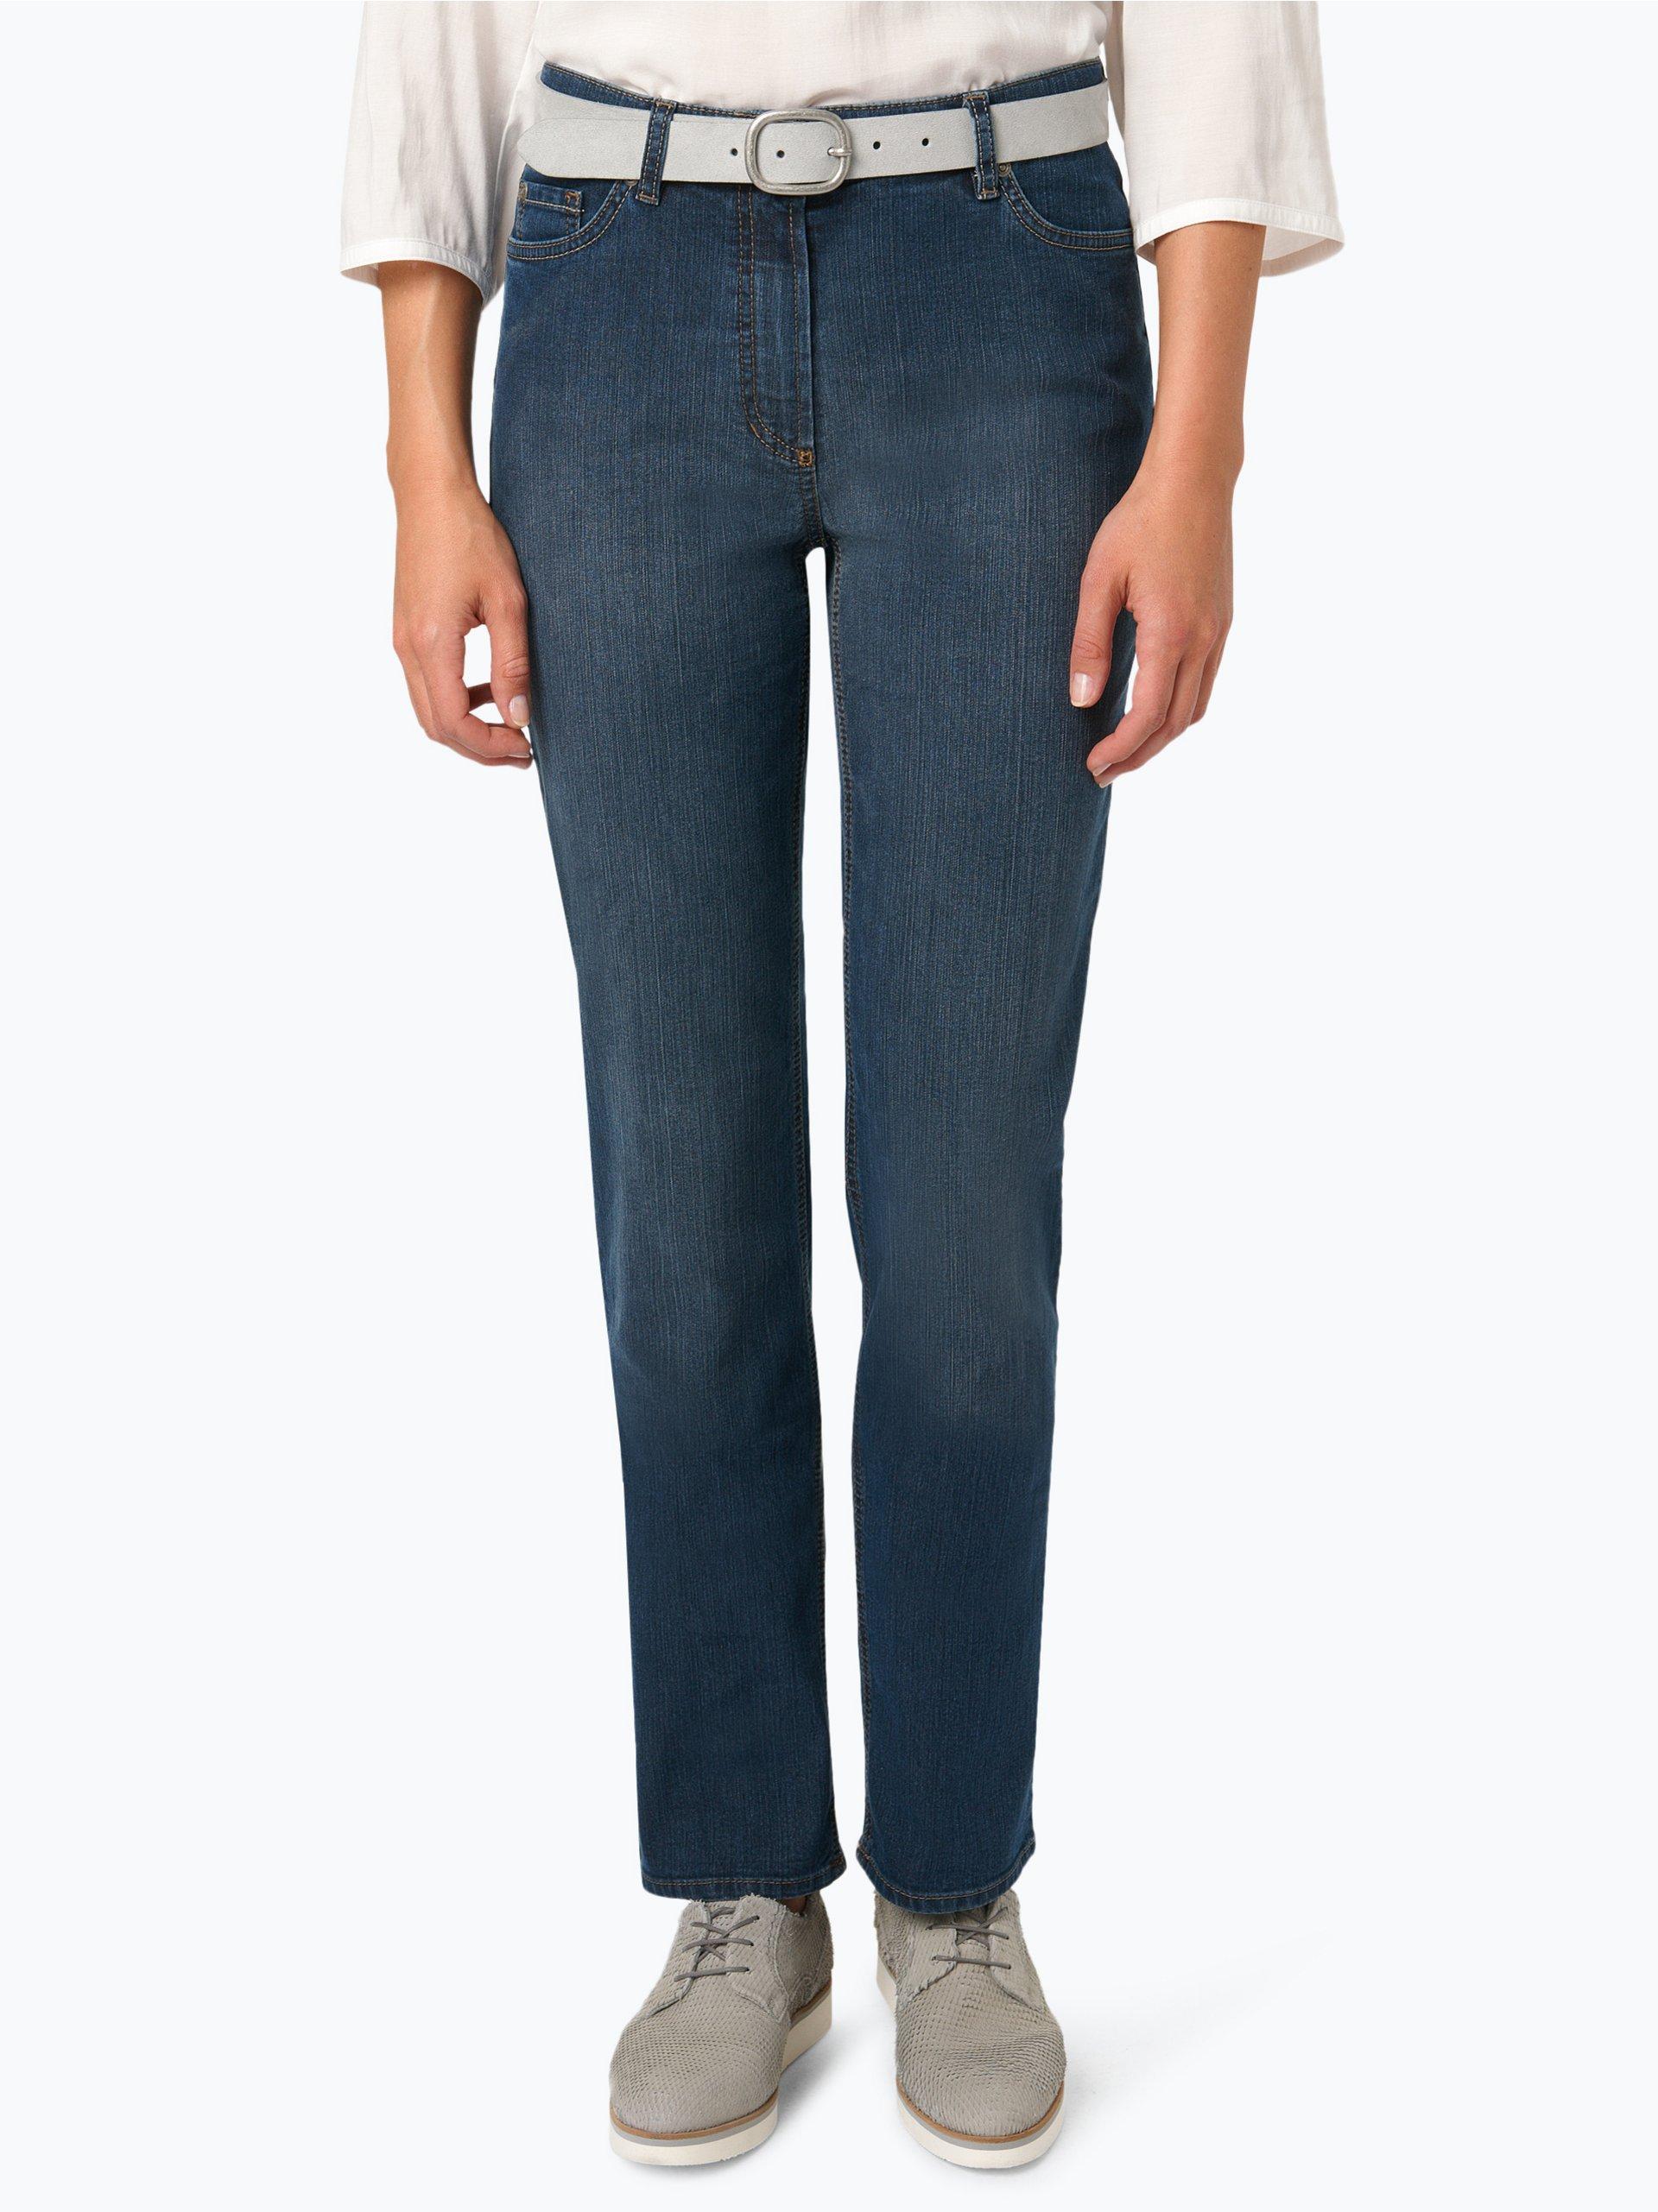 gerry weber edition damen jeans romy rinsed uni online kaufen vangraaf com. Black Bedroom Furniture Sets. Home Design Ideas